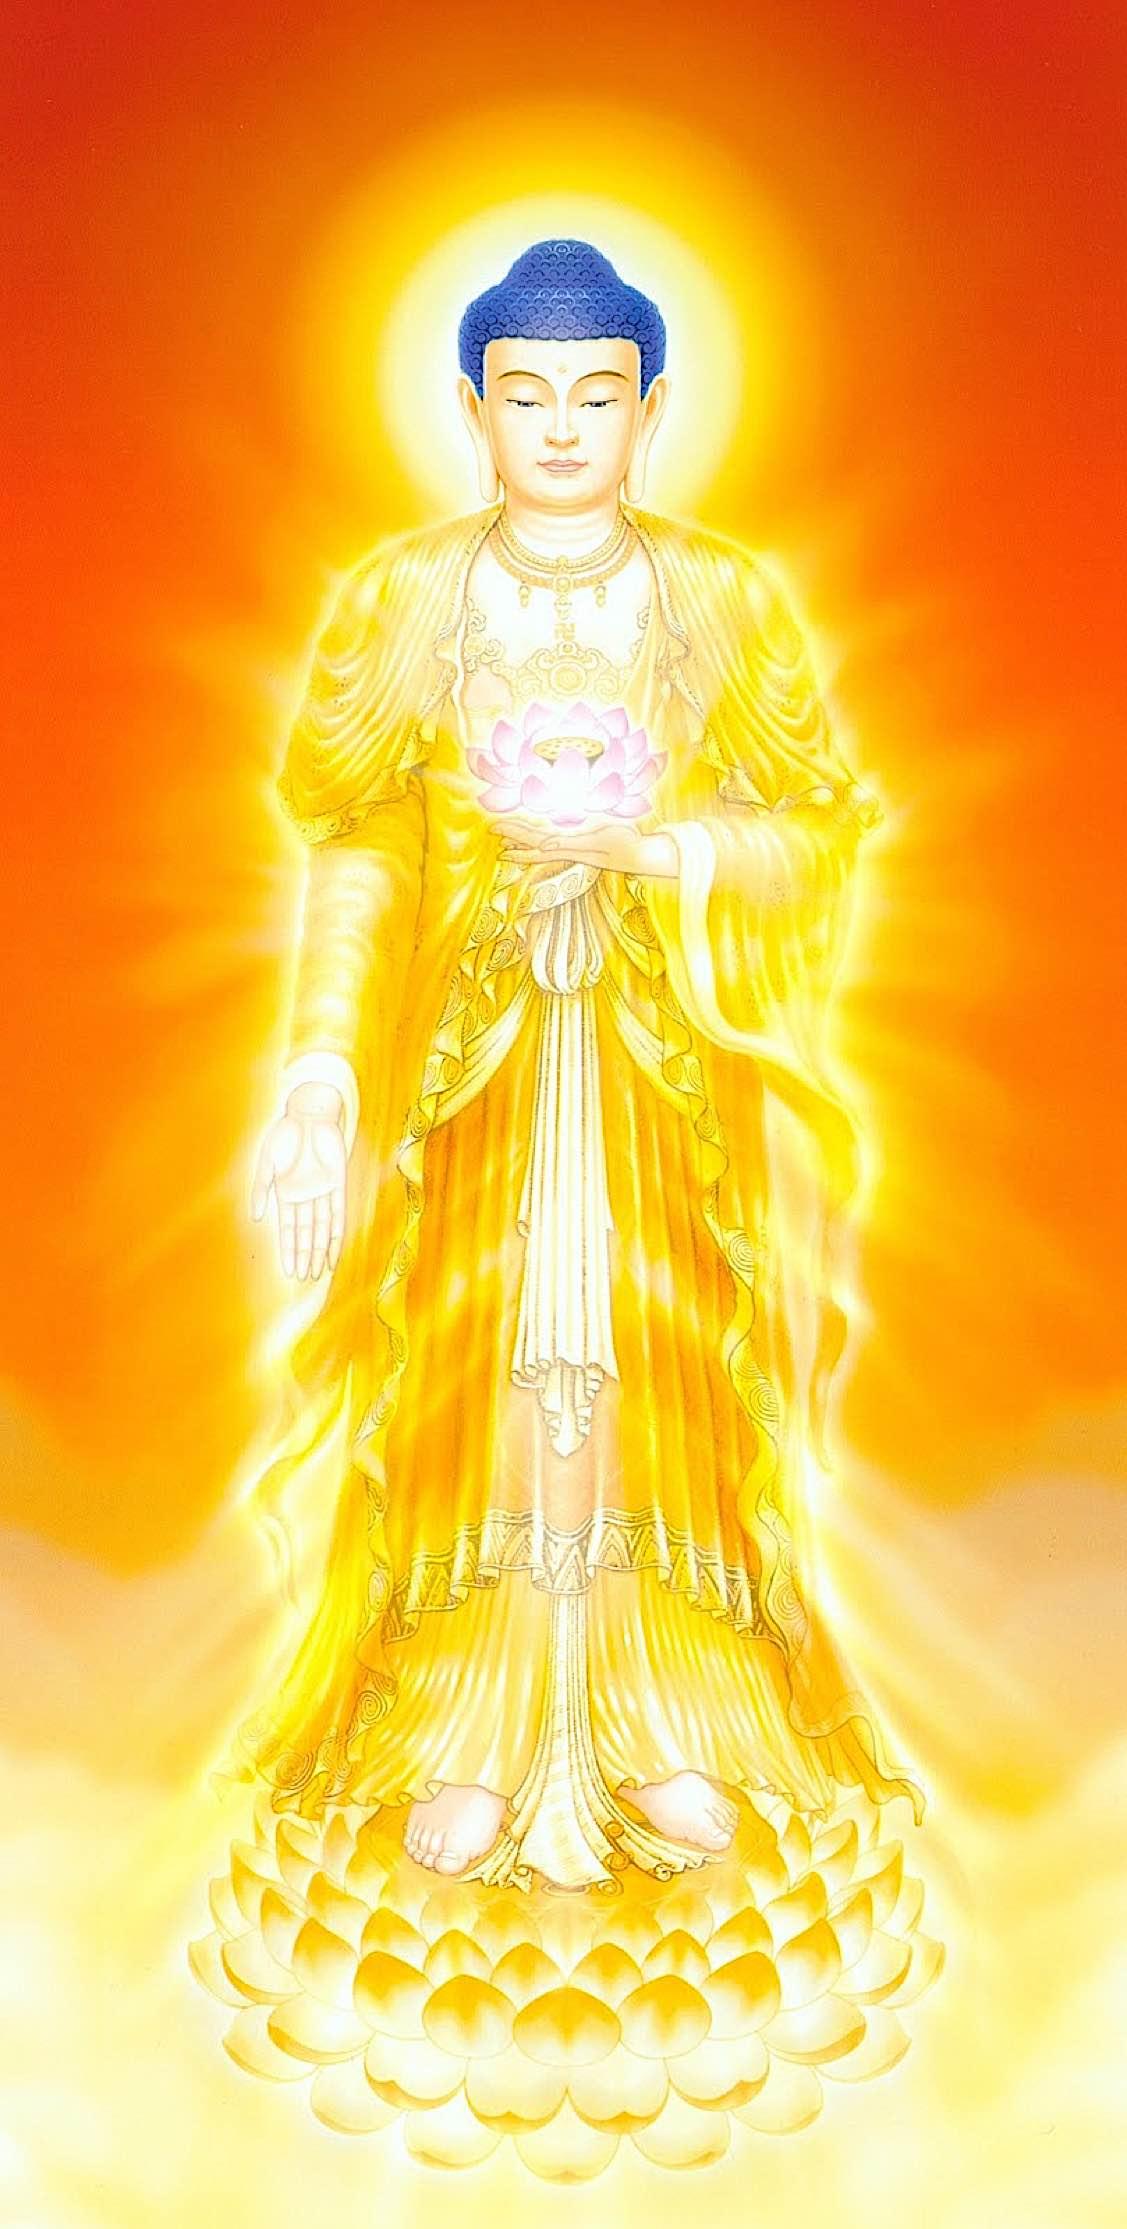 Buddha Weekly Amitabha Buddha in the Chinese style Buddhism